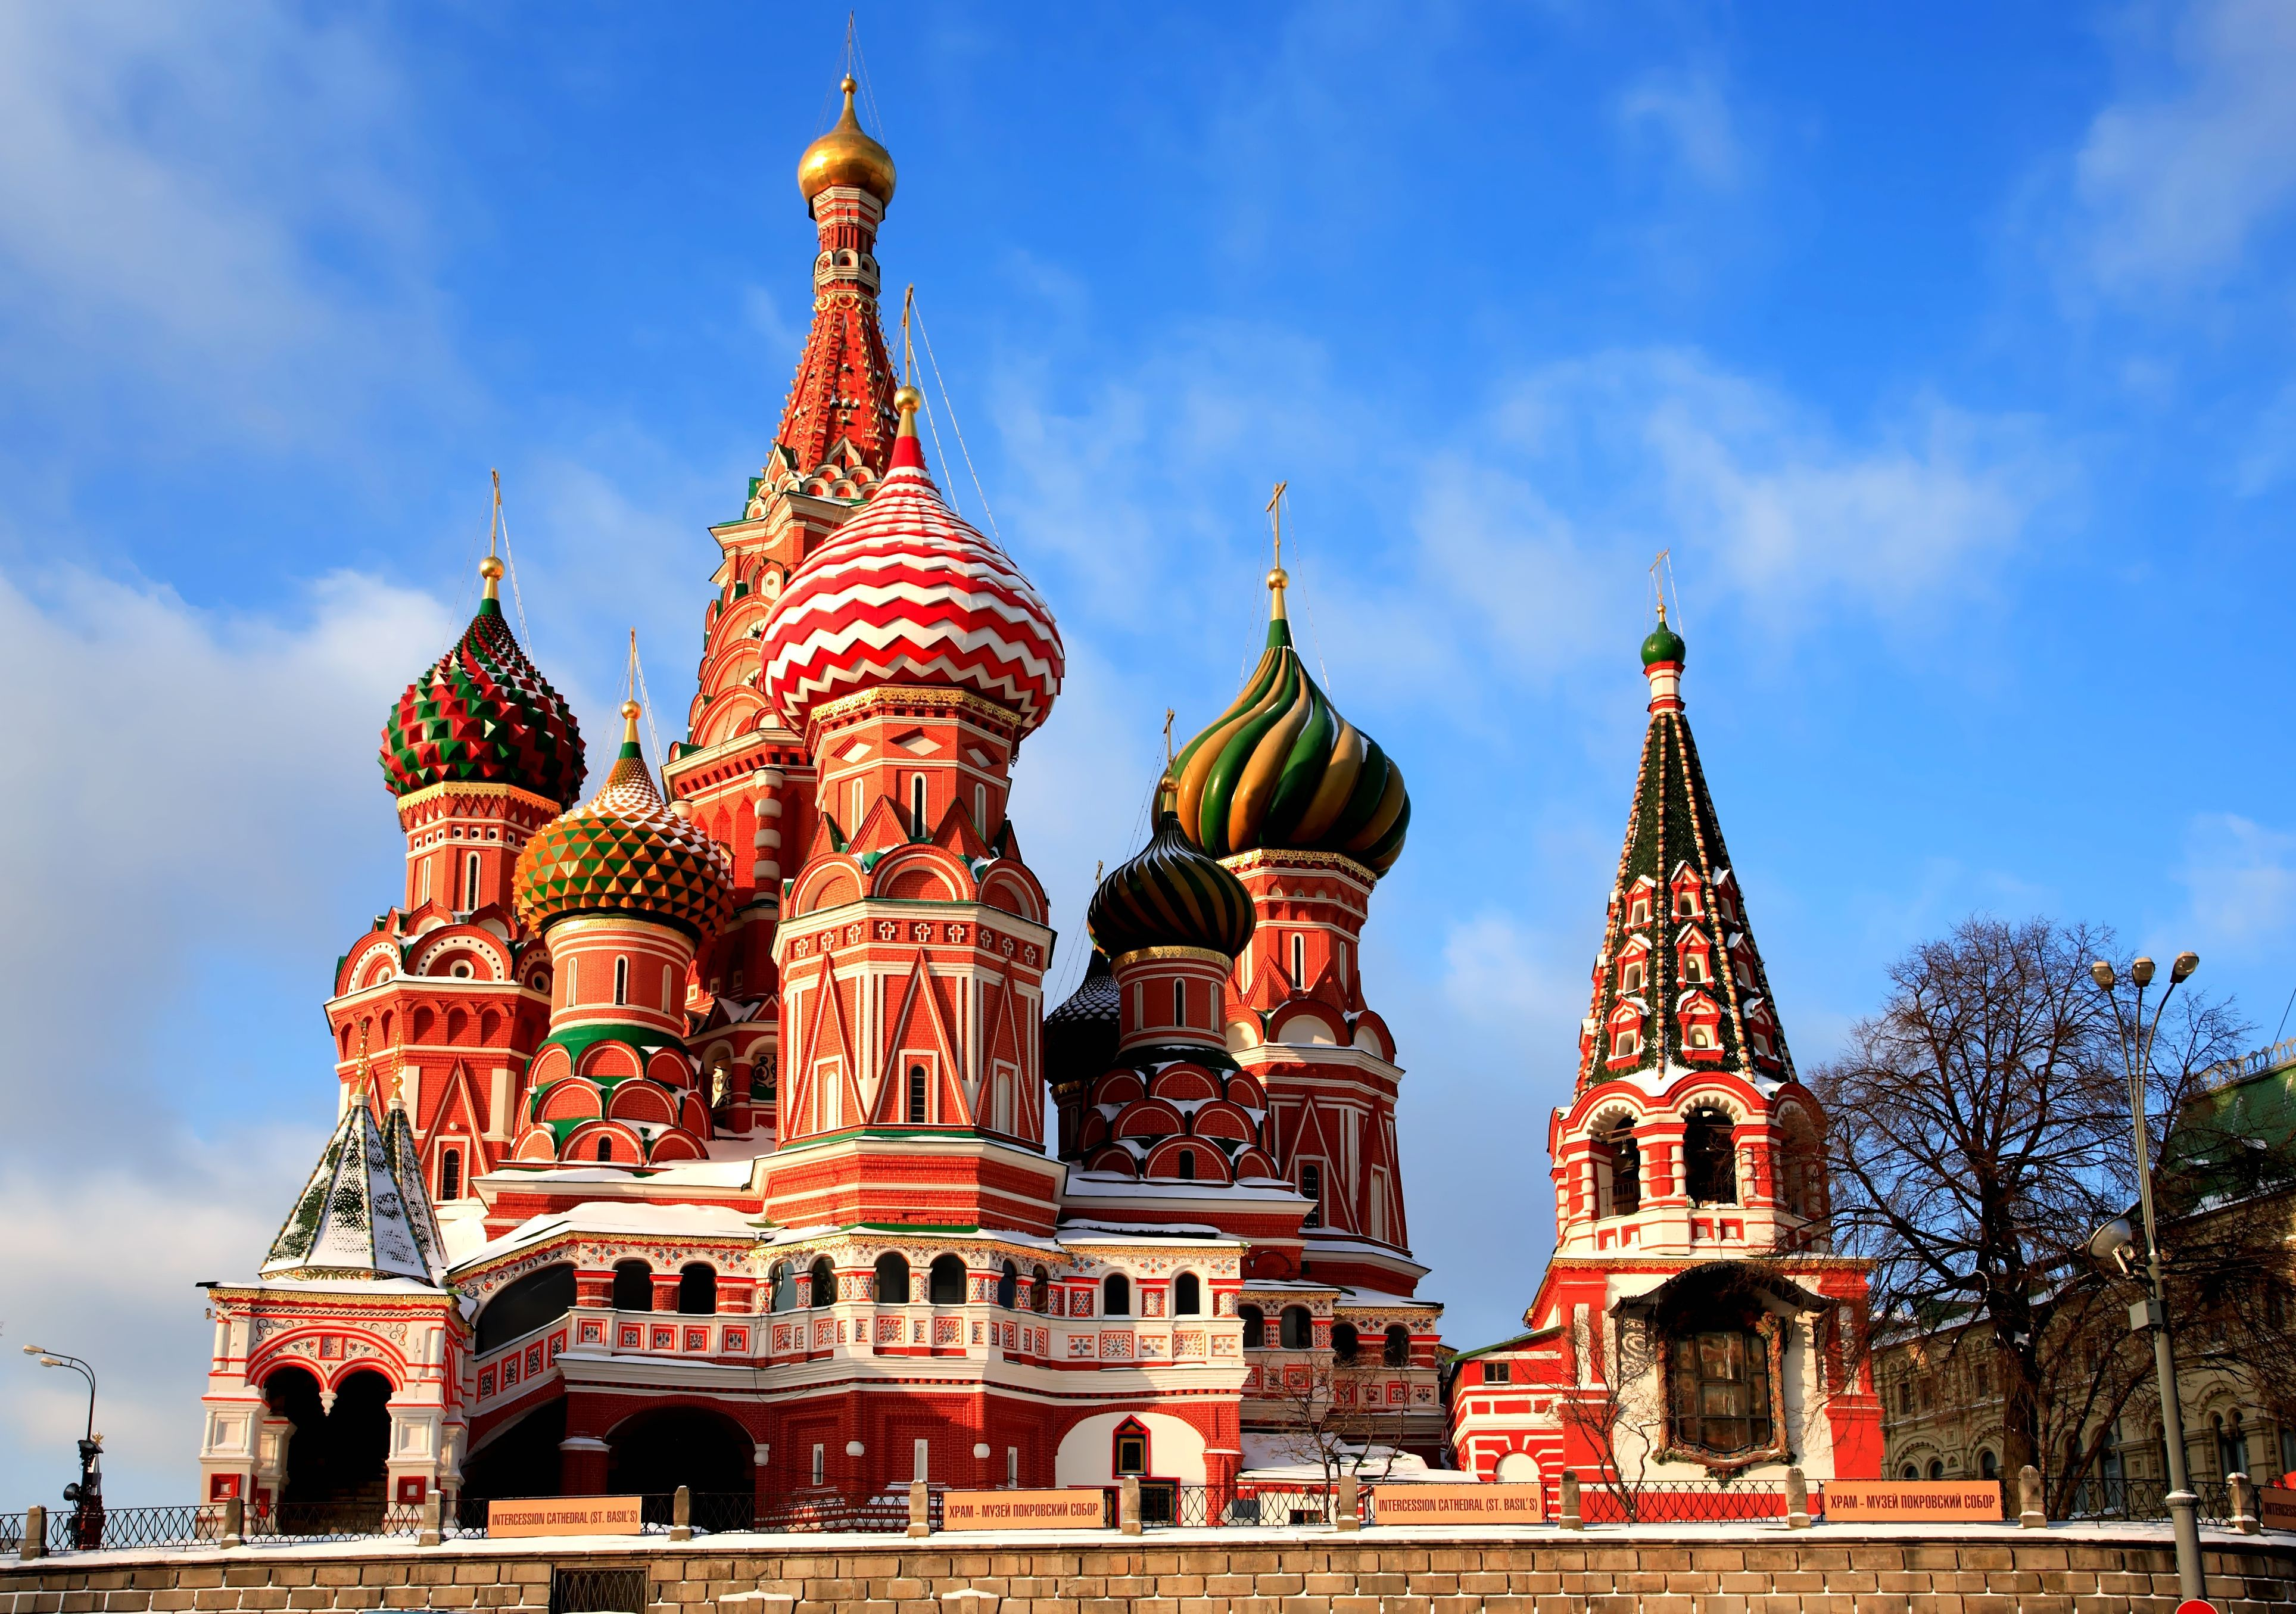 архитектура страны Церковь Москва Россия  № 2449596 без смс